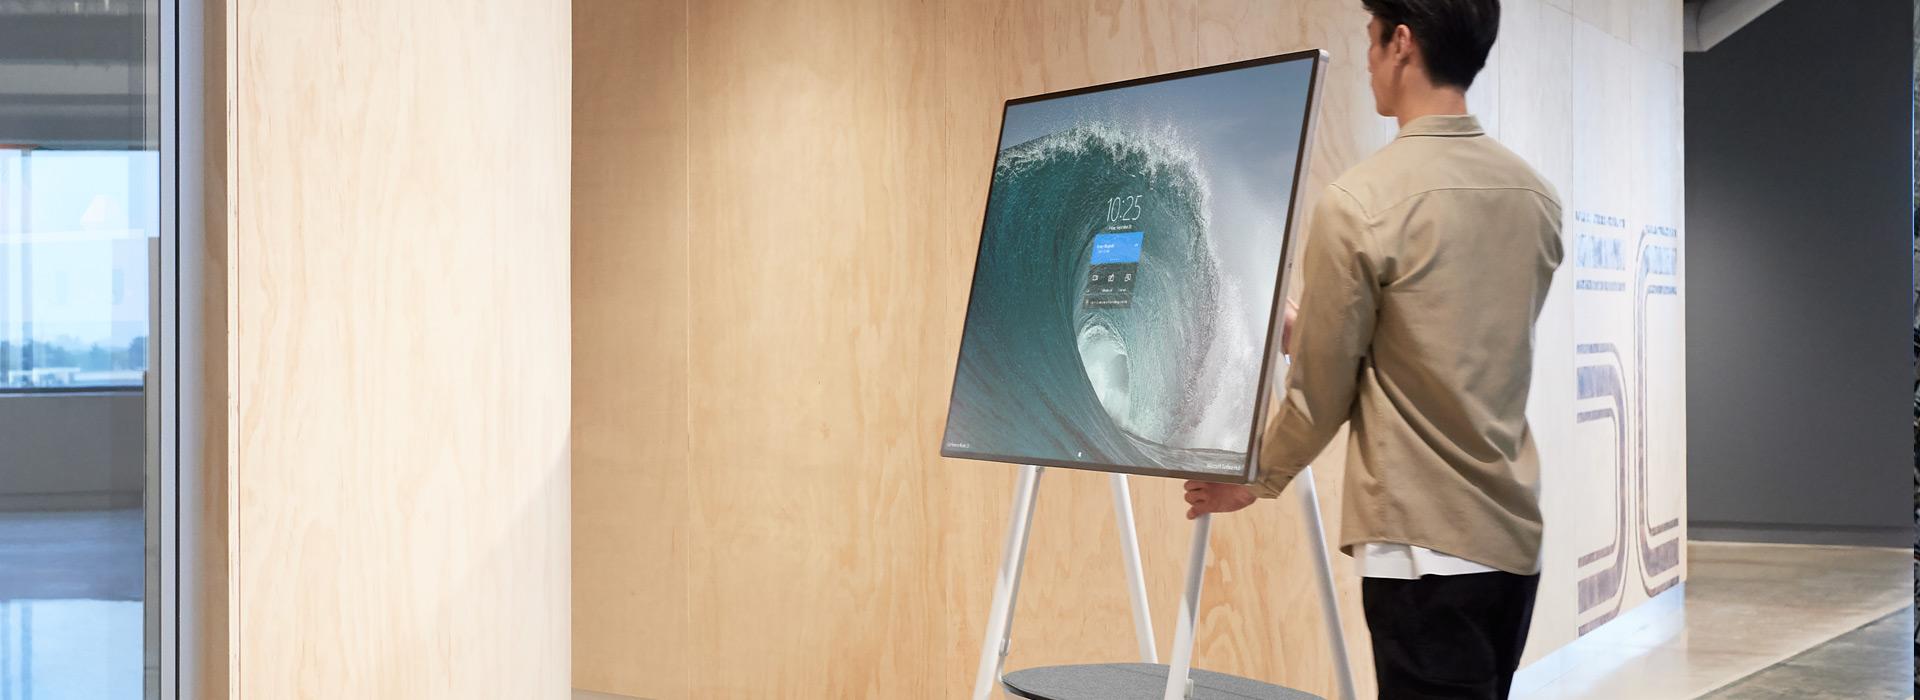 Un homme transporte un Surface Hub2S sur un support sur roulettes